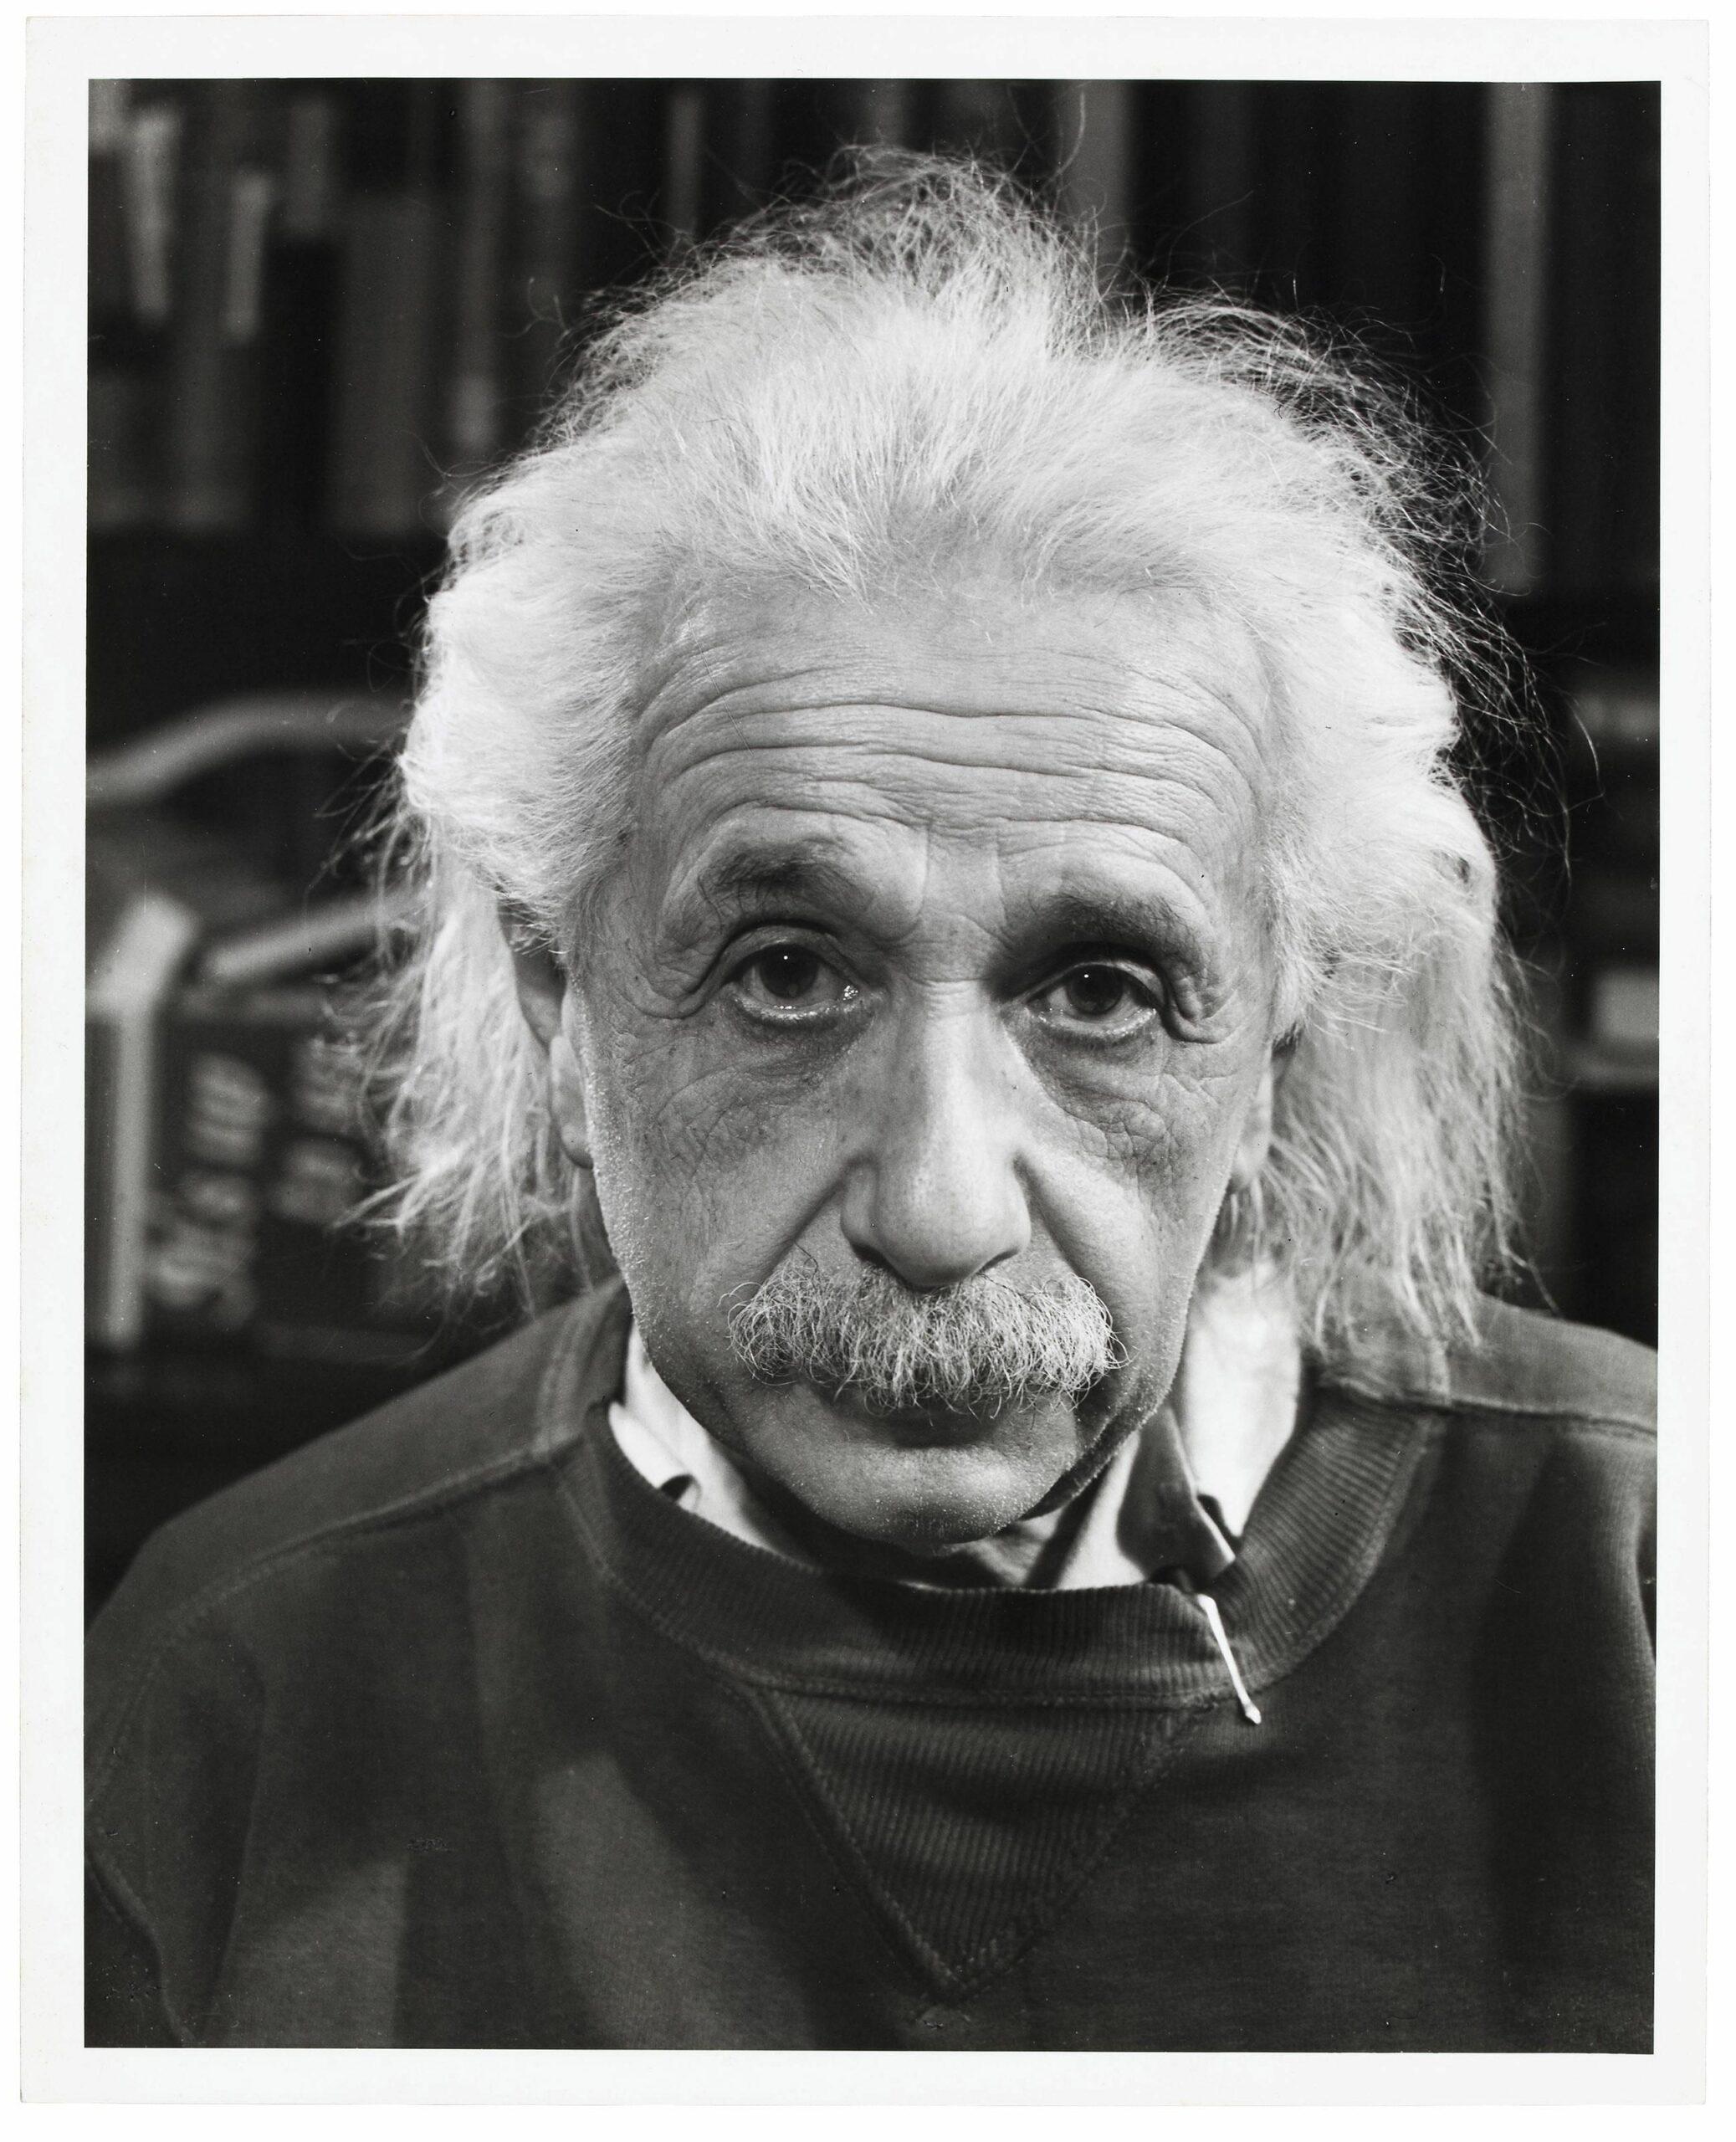 Albert Einstein, 1947 | Albert einstein photo, Portrait, Albert einstein